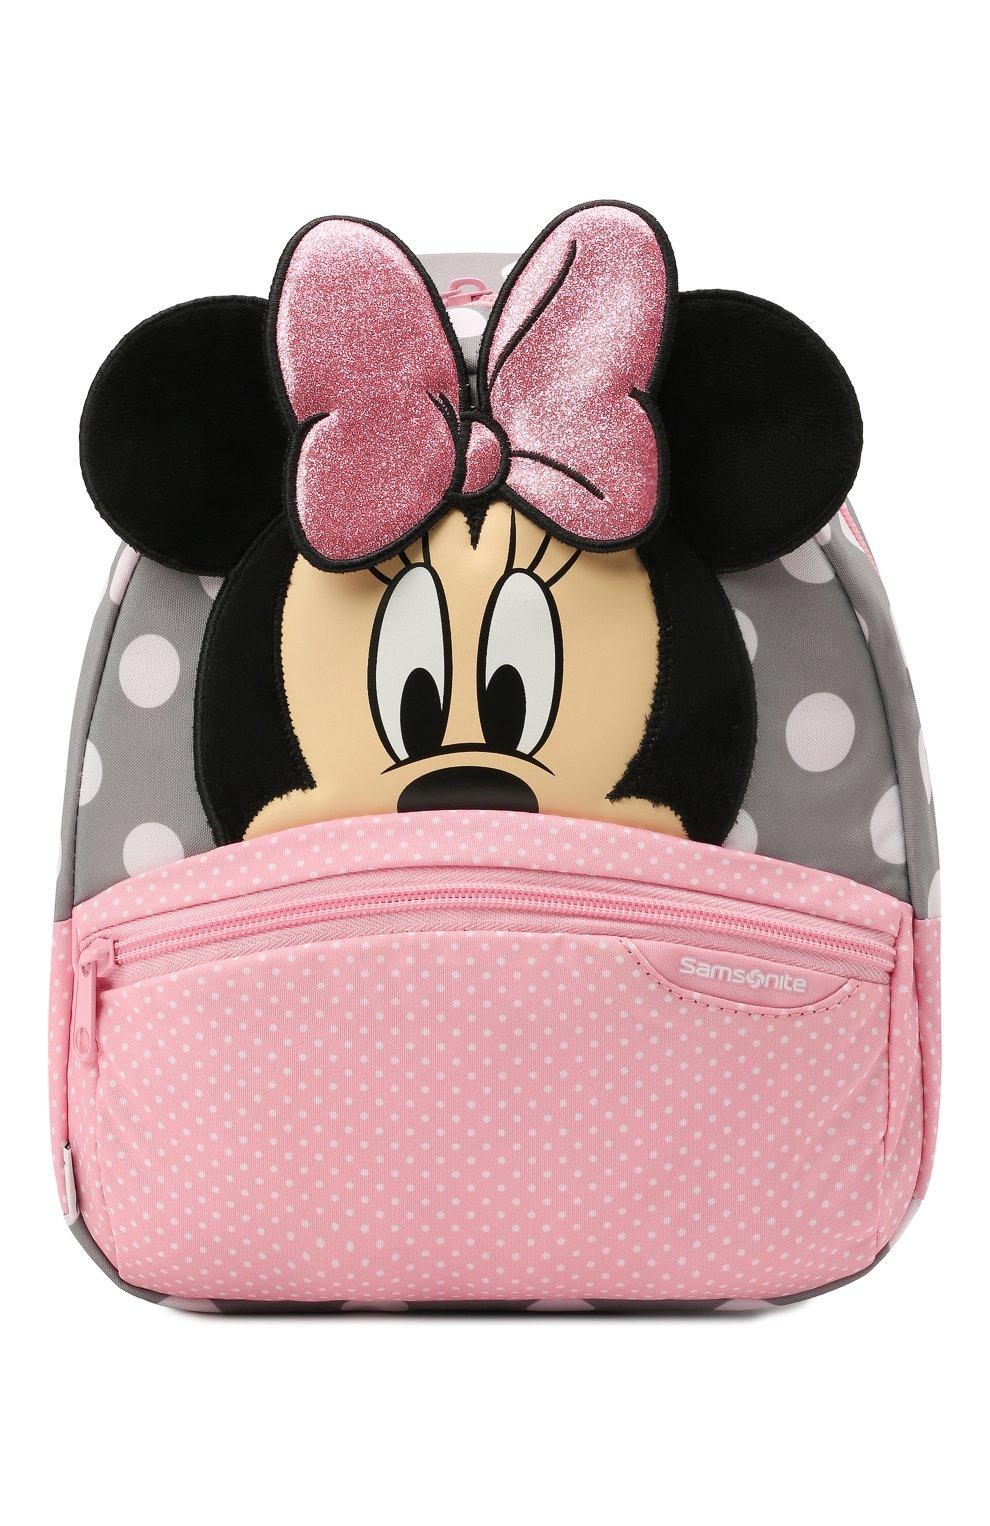 Детская рюкзак disney ultimate 2.0 SAMSONITE розового цвета, арт. 40C-90001 | Фото 1 (Материал: Текстиль)